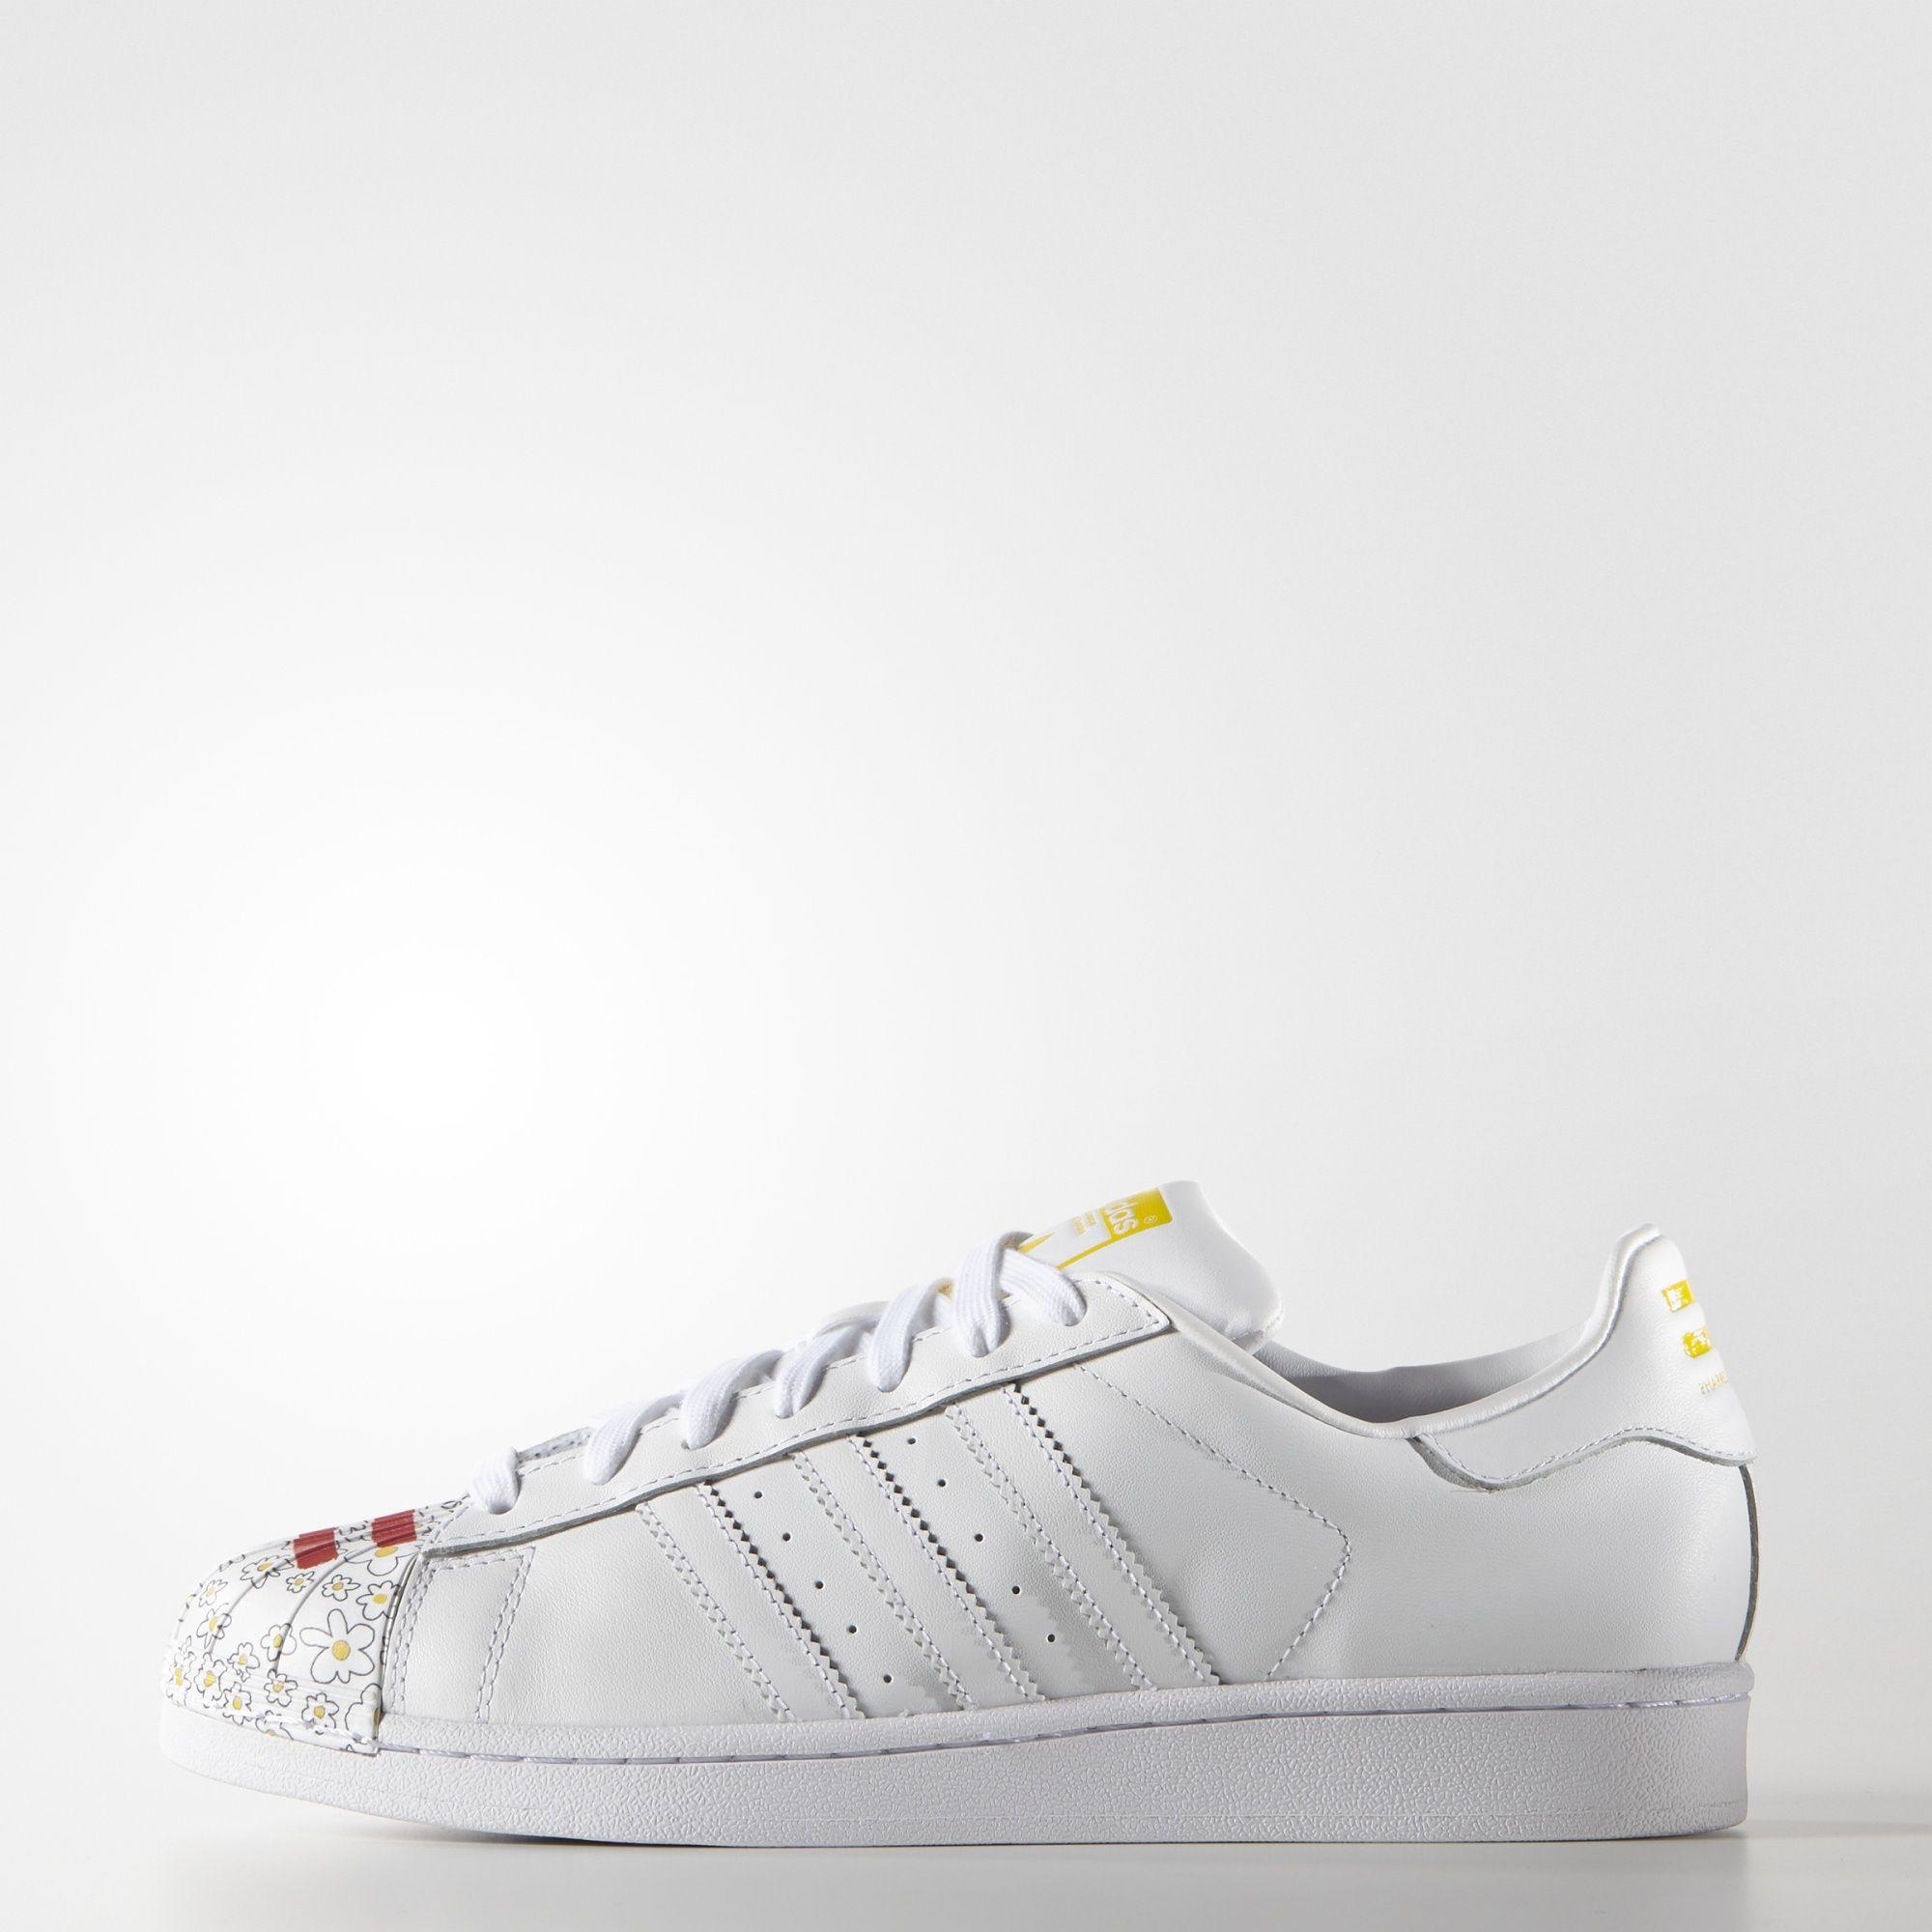 Adidasca: Williams Originals 66 adidas Originals Williams hombres Pharrell Williams cbecc3